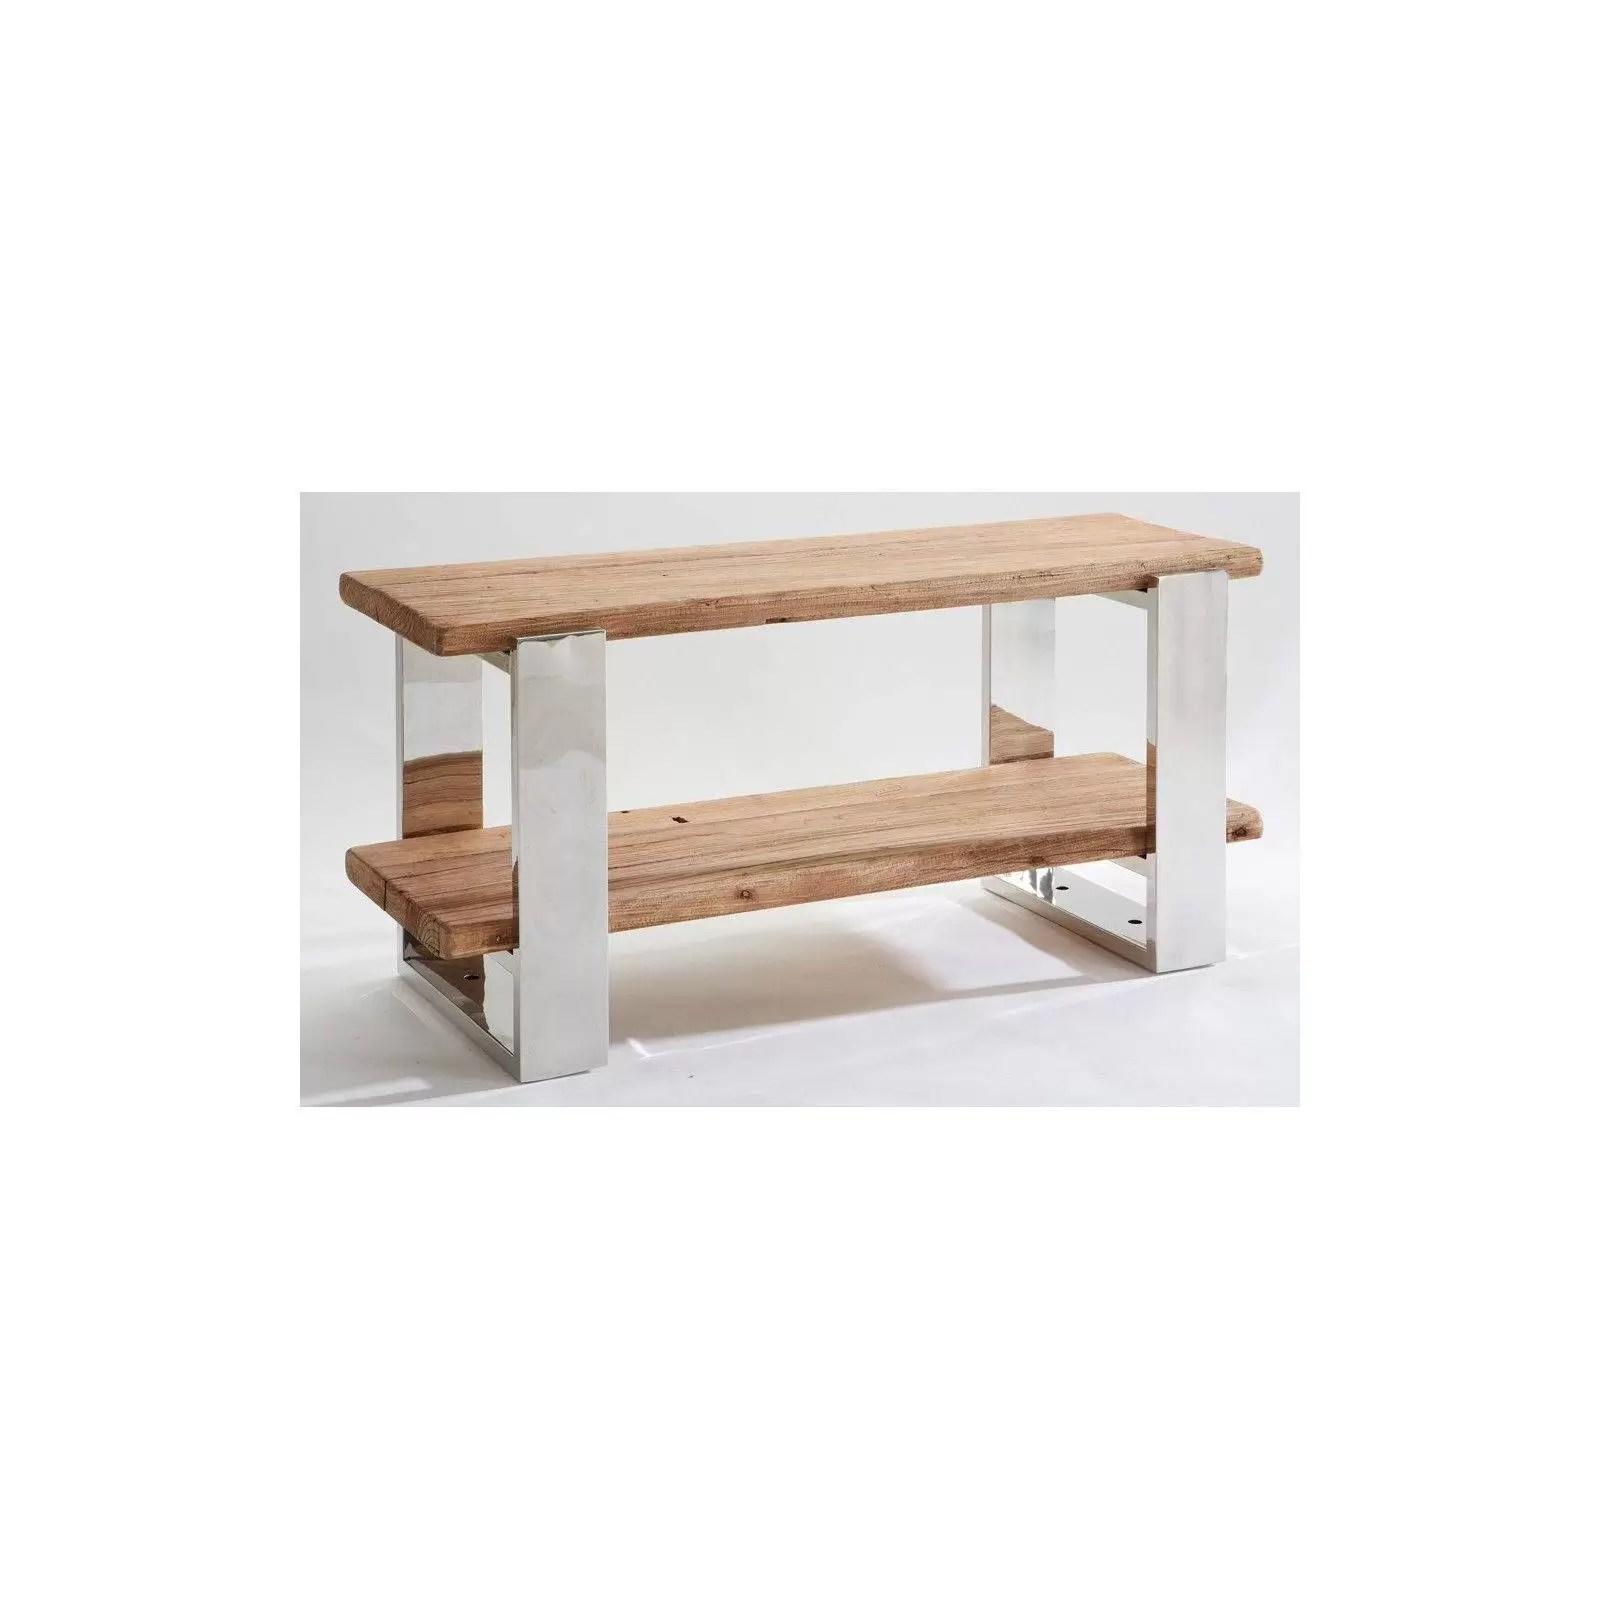 meuble tv stainless ethnique chic en bois et metal 150cm bois et chiffons